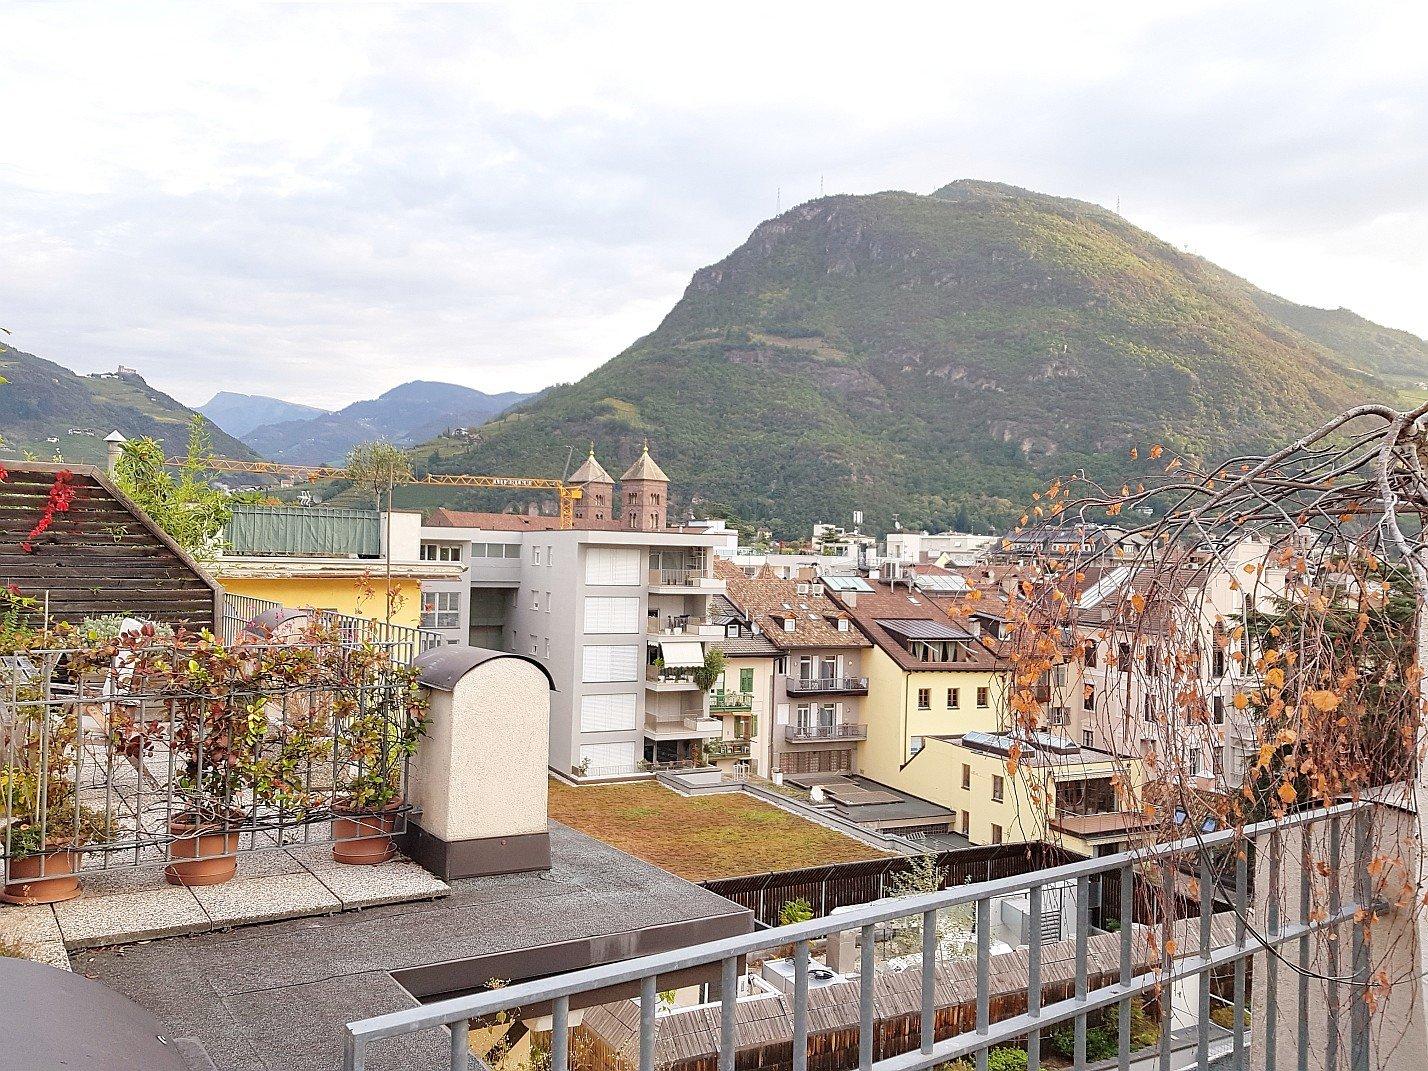 Blick über die Dächer von Bozen